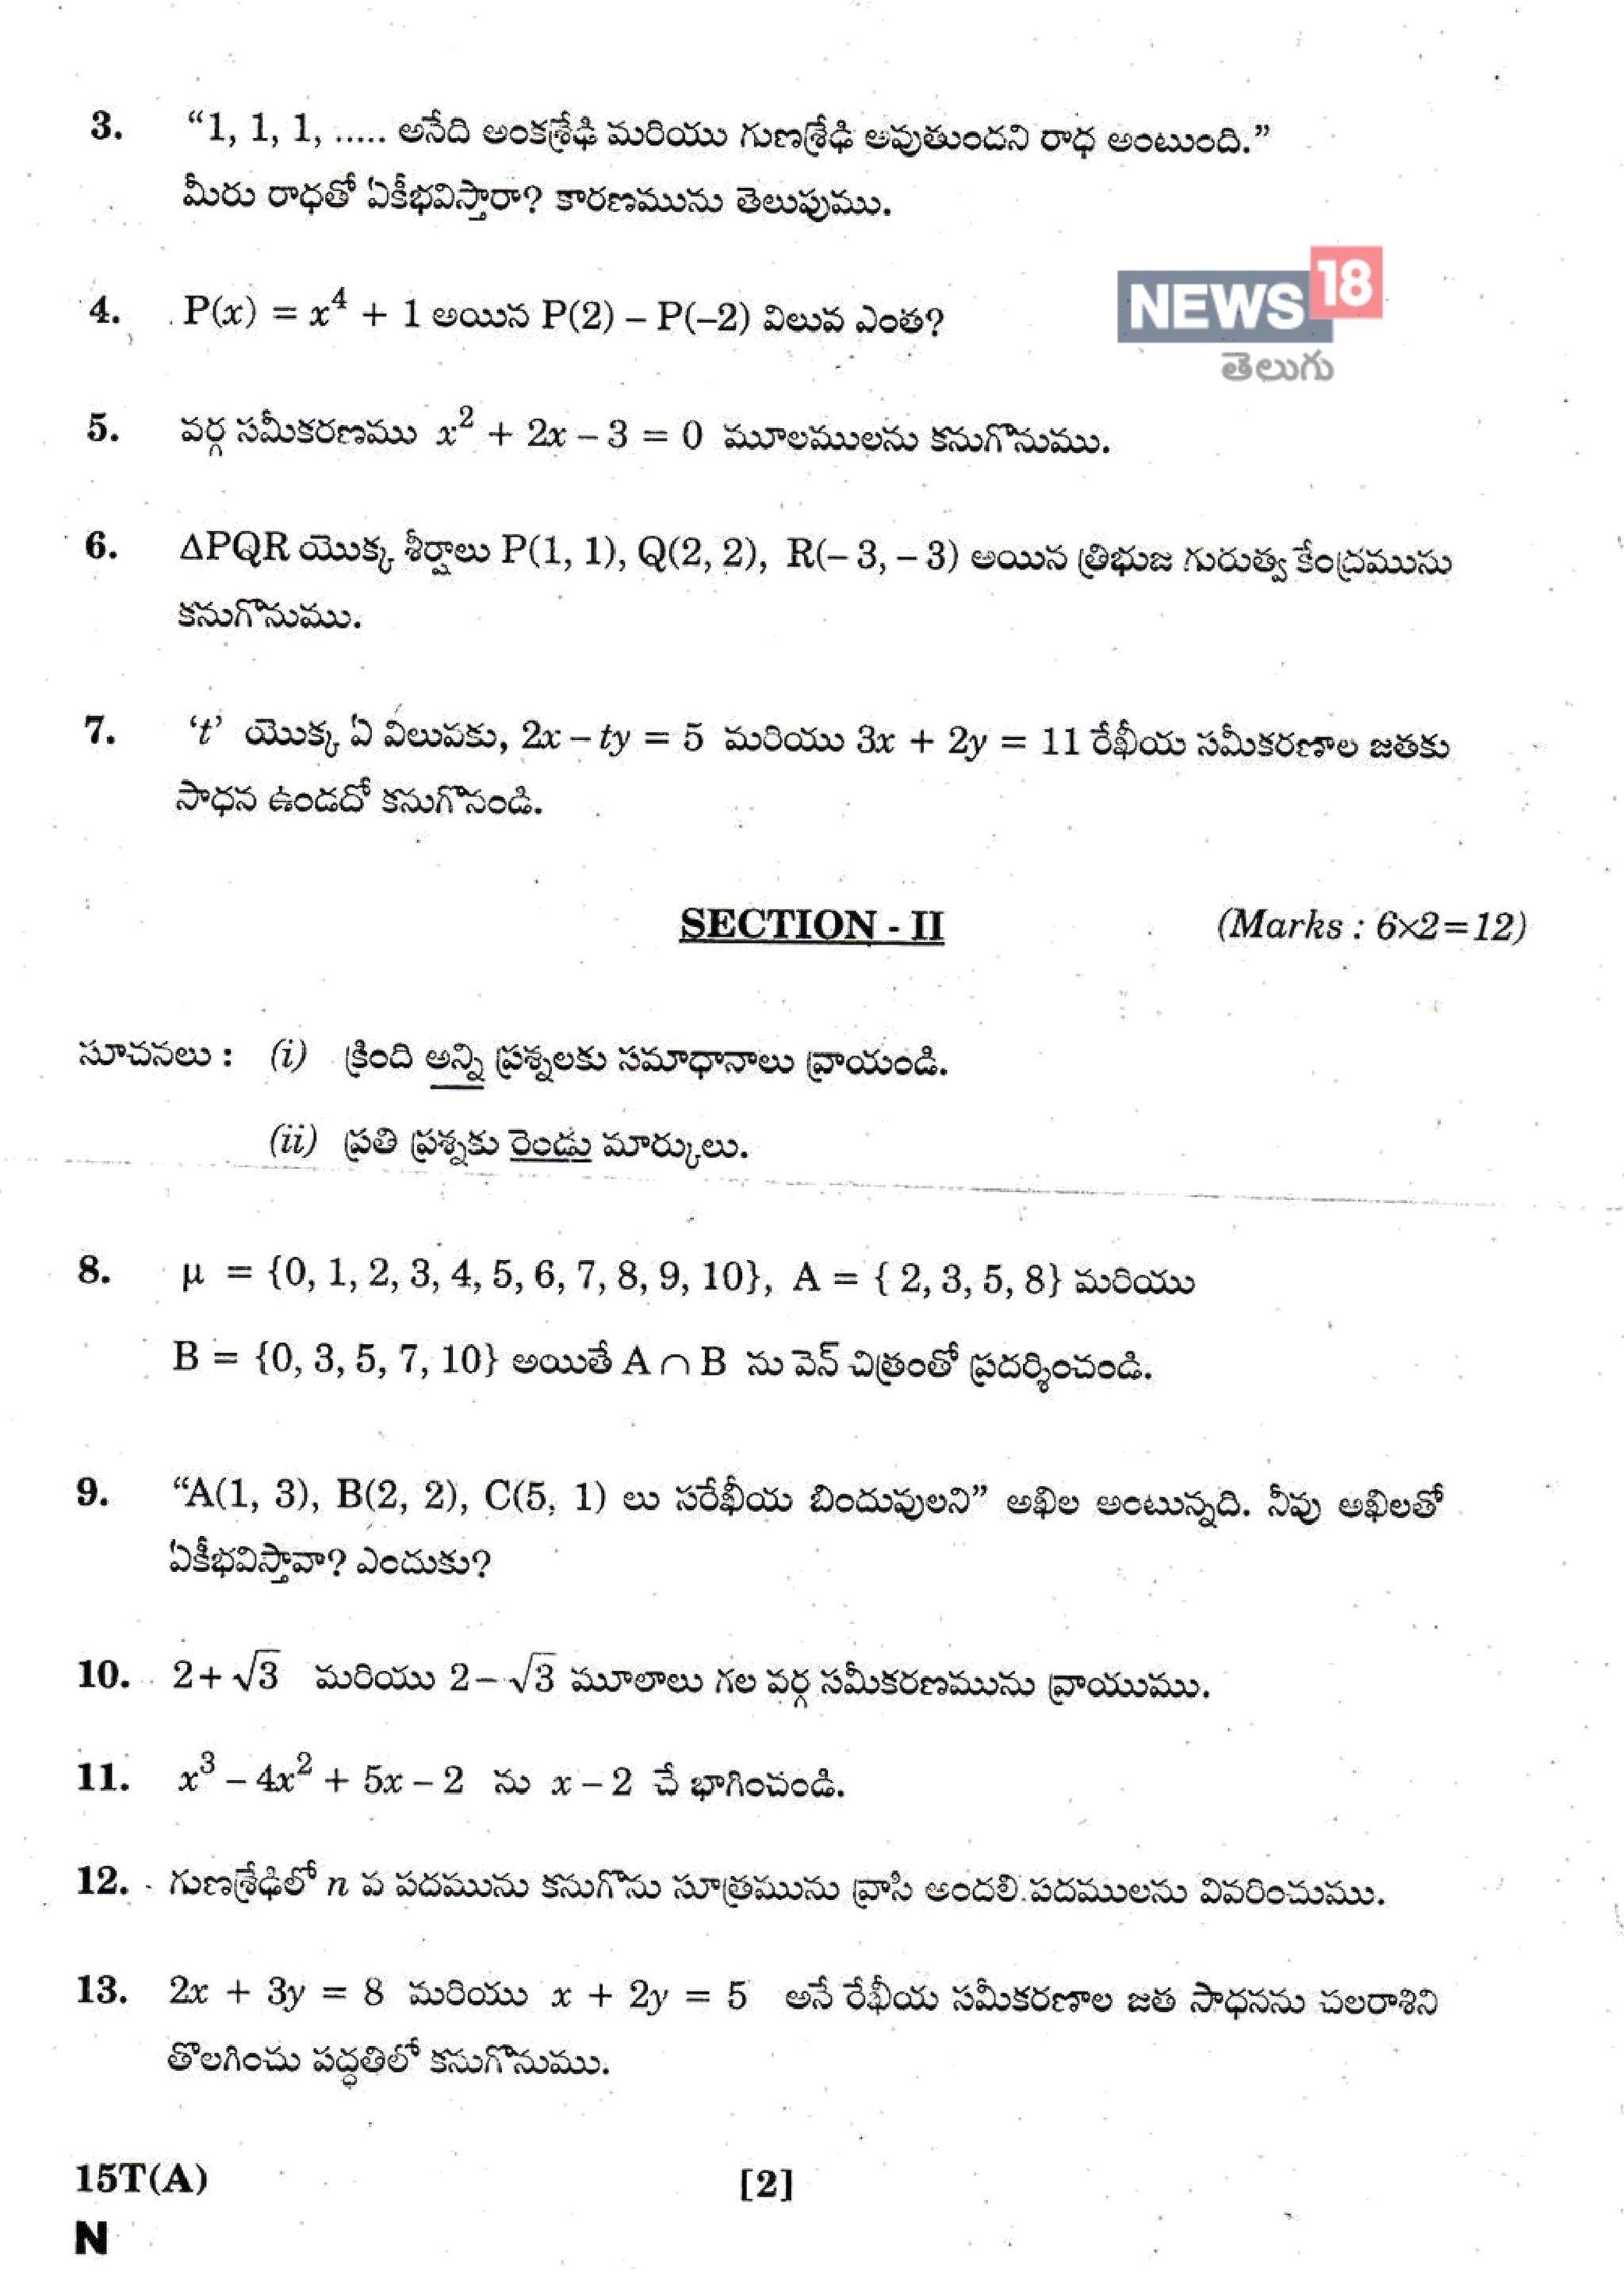 మ్యాథ్స్ పేపర్ 1(2019) తెలుగు మీడియం